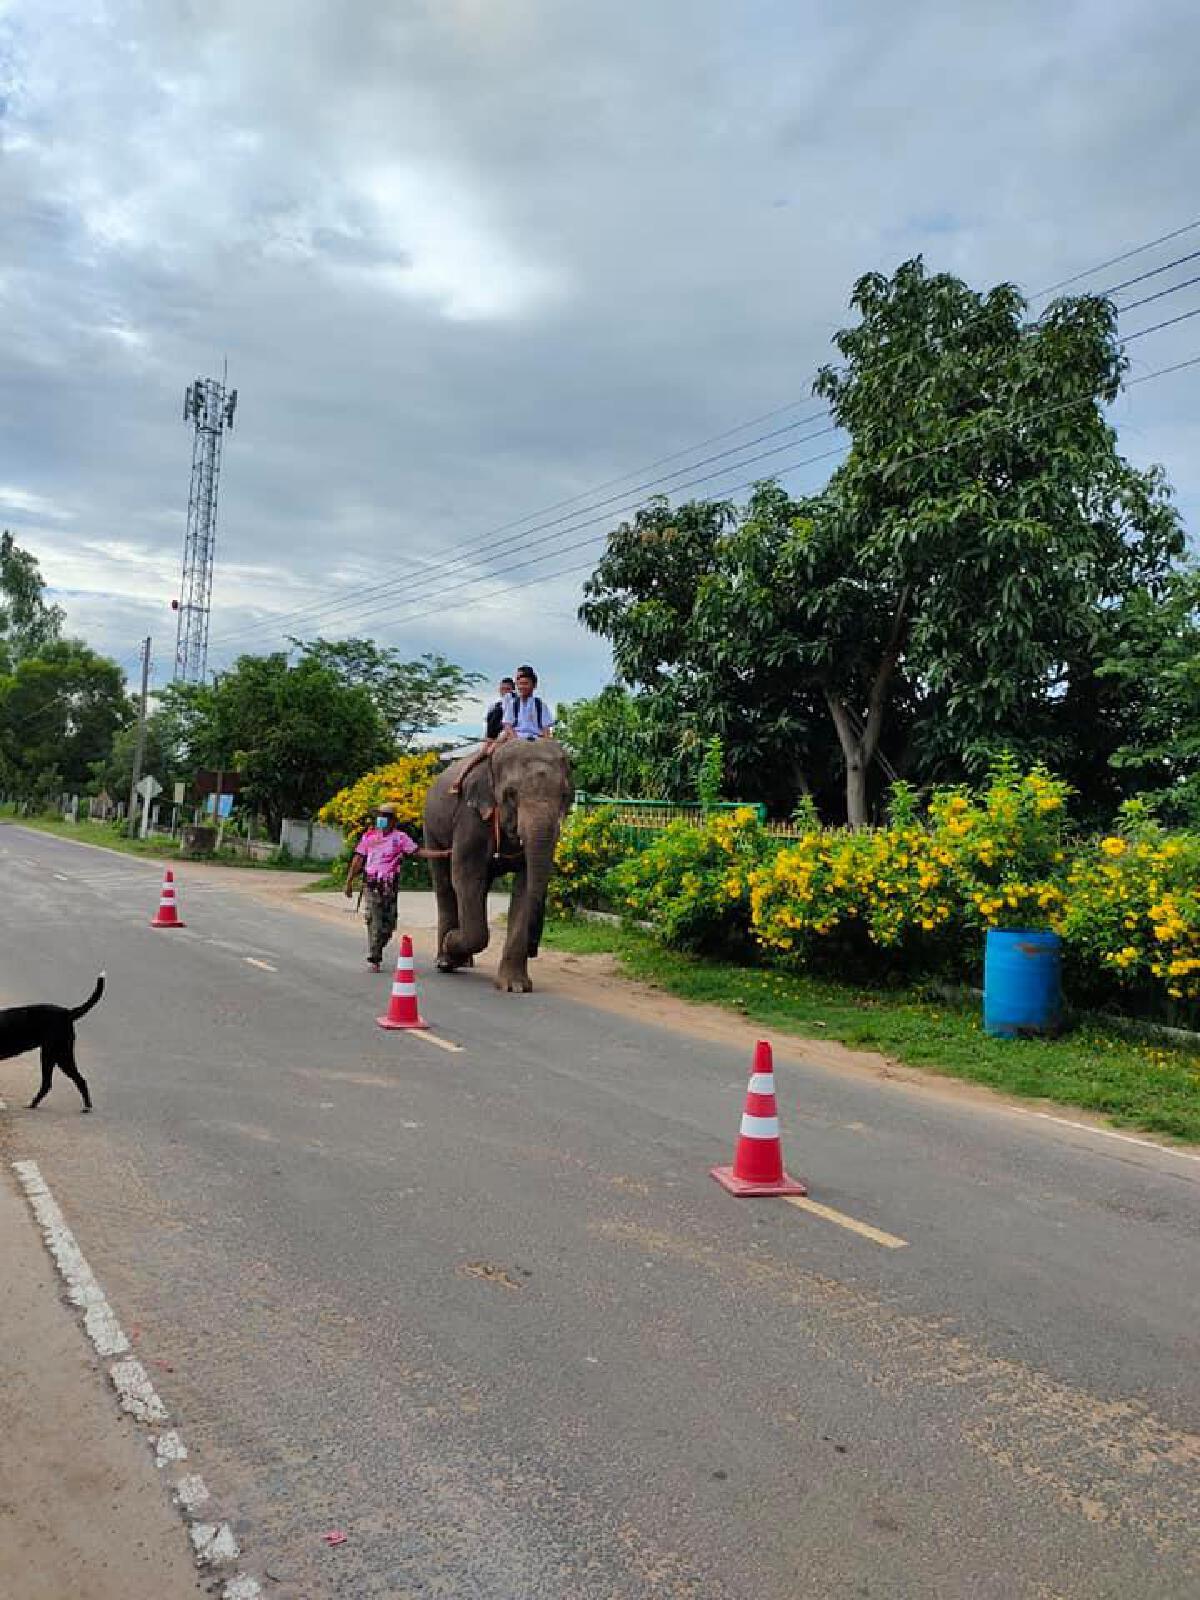 ขี่ช้างไปโรงเรียน